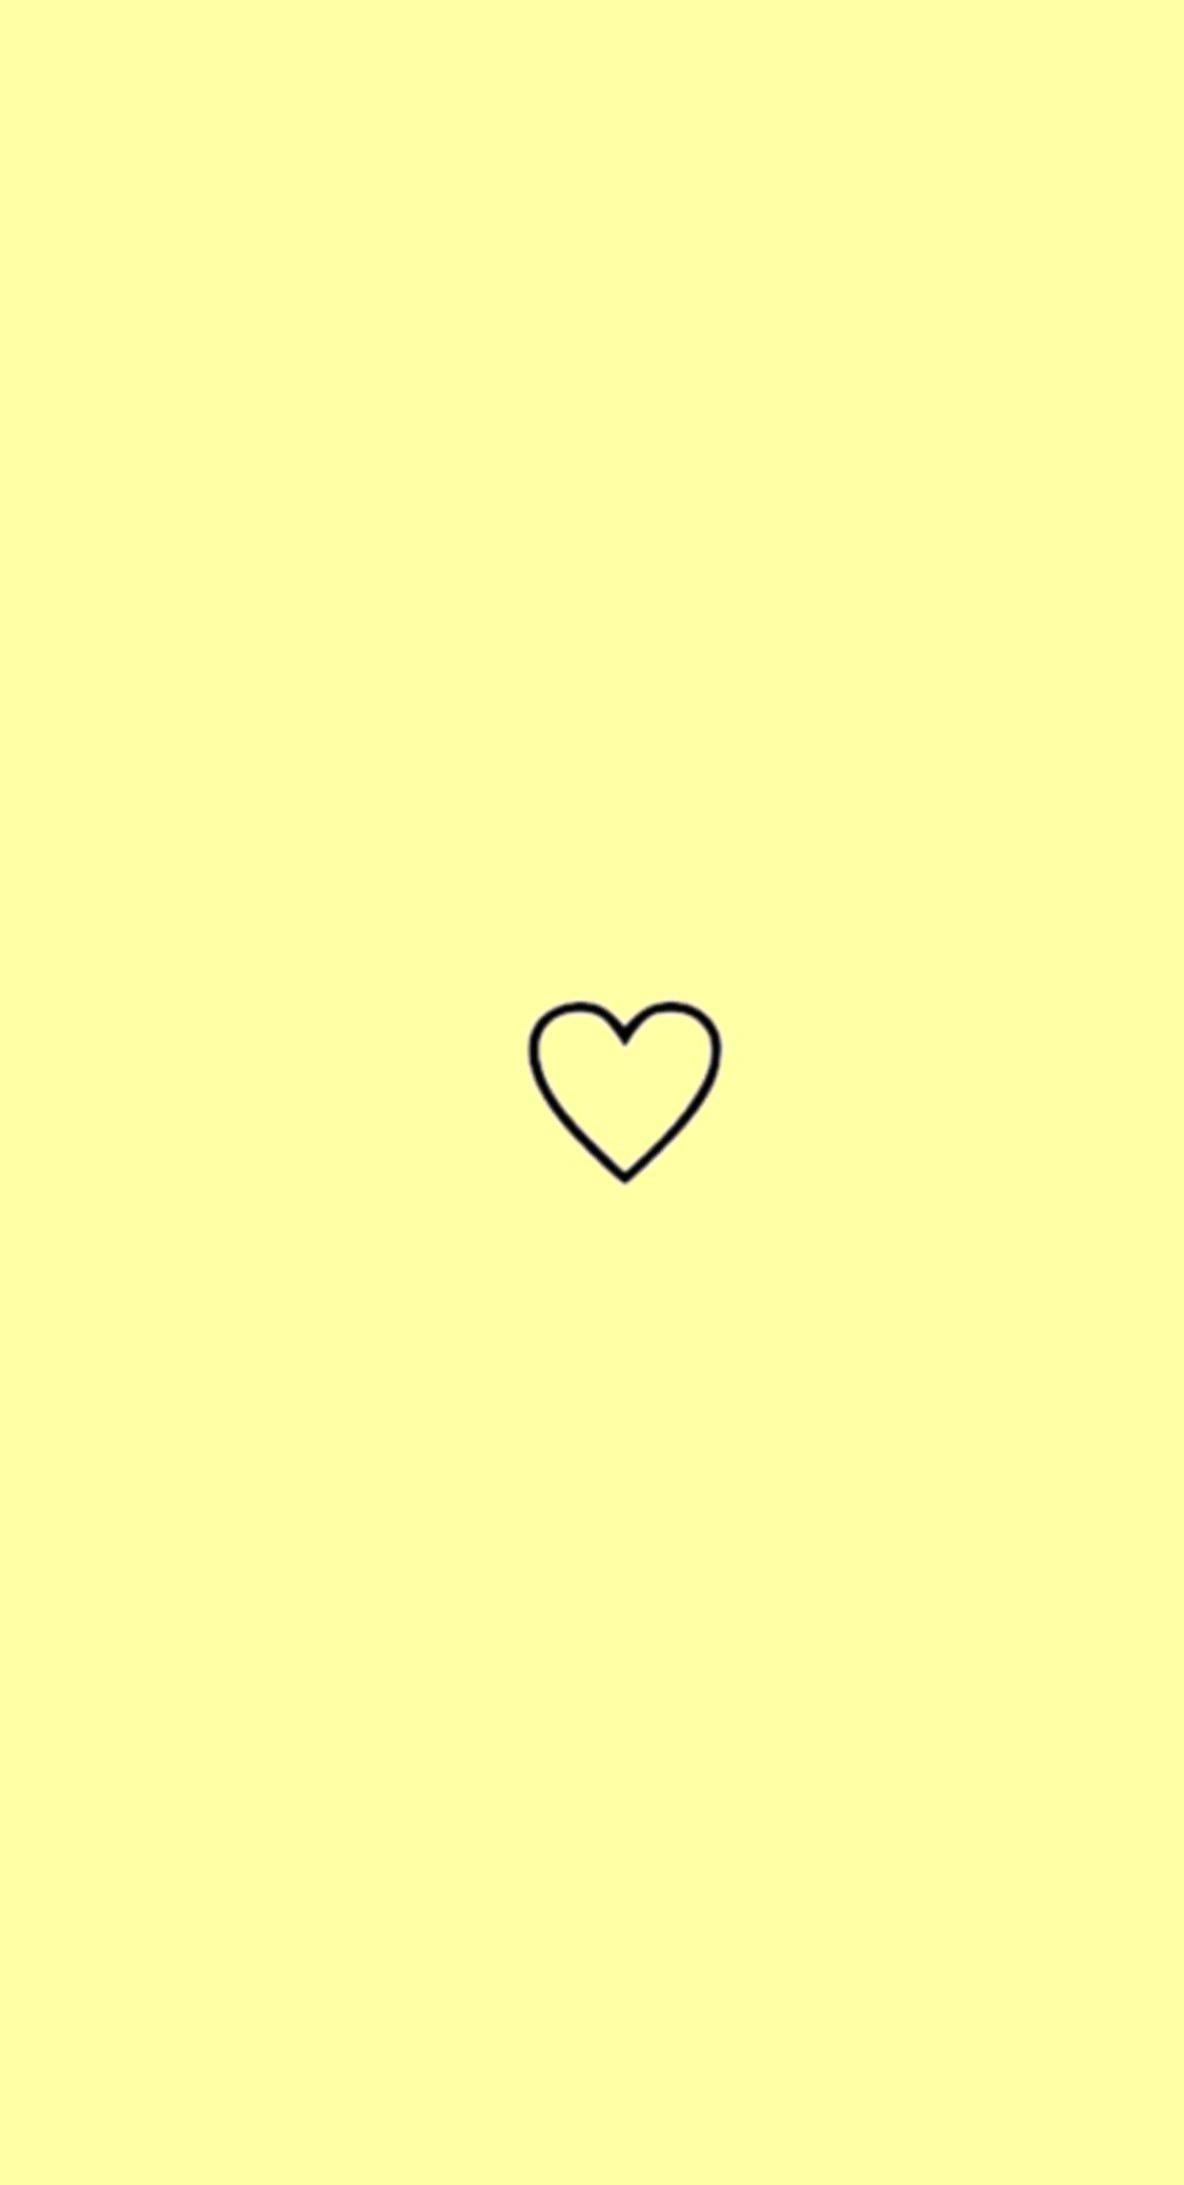 Yellow Aesthetic Heart Yellow Aesthetic Beautiful Aesthetic